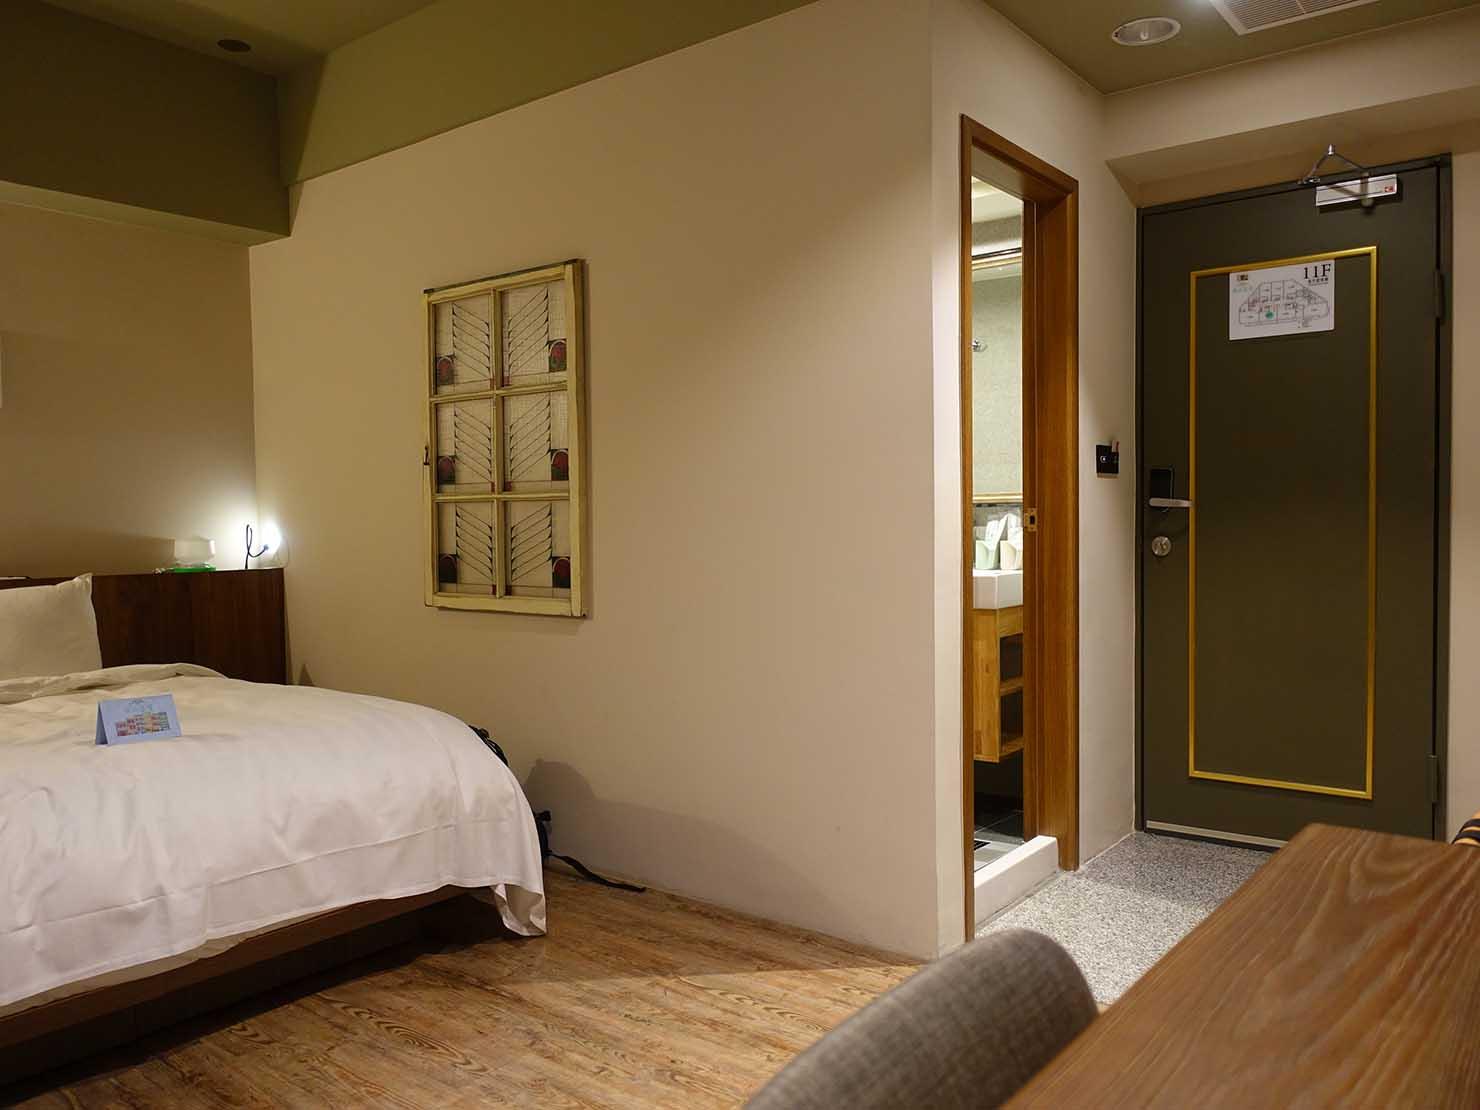 台南駅徒歩10分のかわいいデザインホテル「南方家屋 Old School」休閒雙人房(レジャーダブル)テーブル側から見た部屋の様子